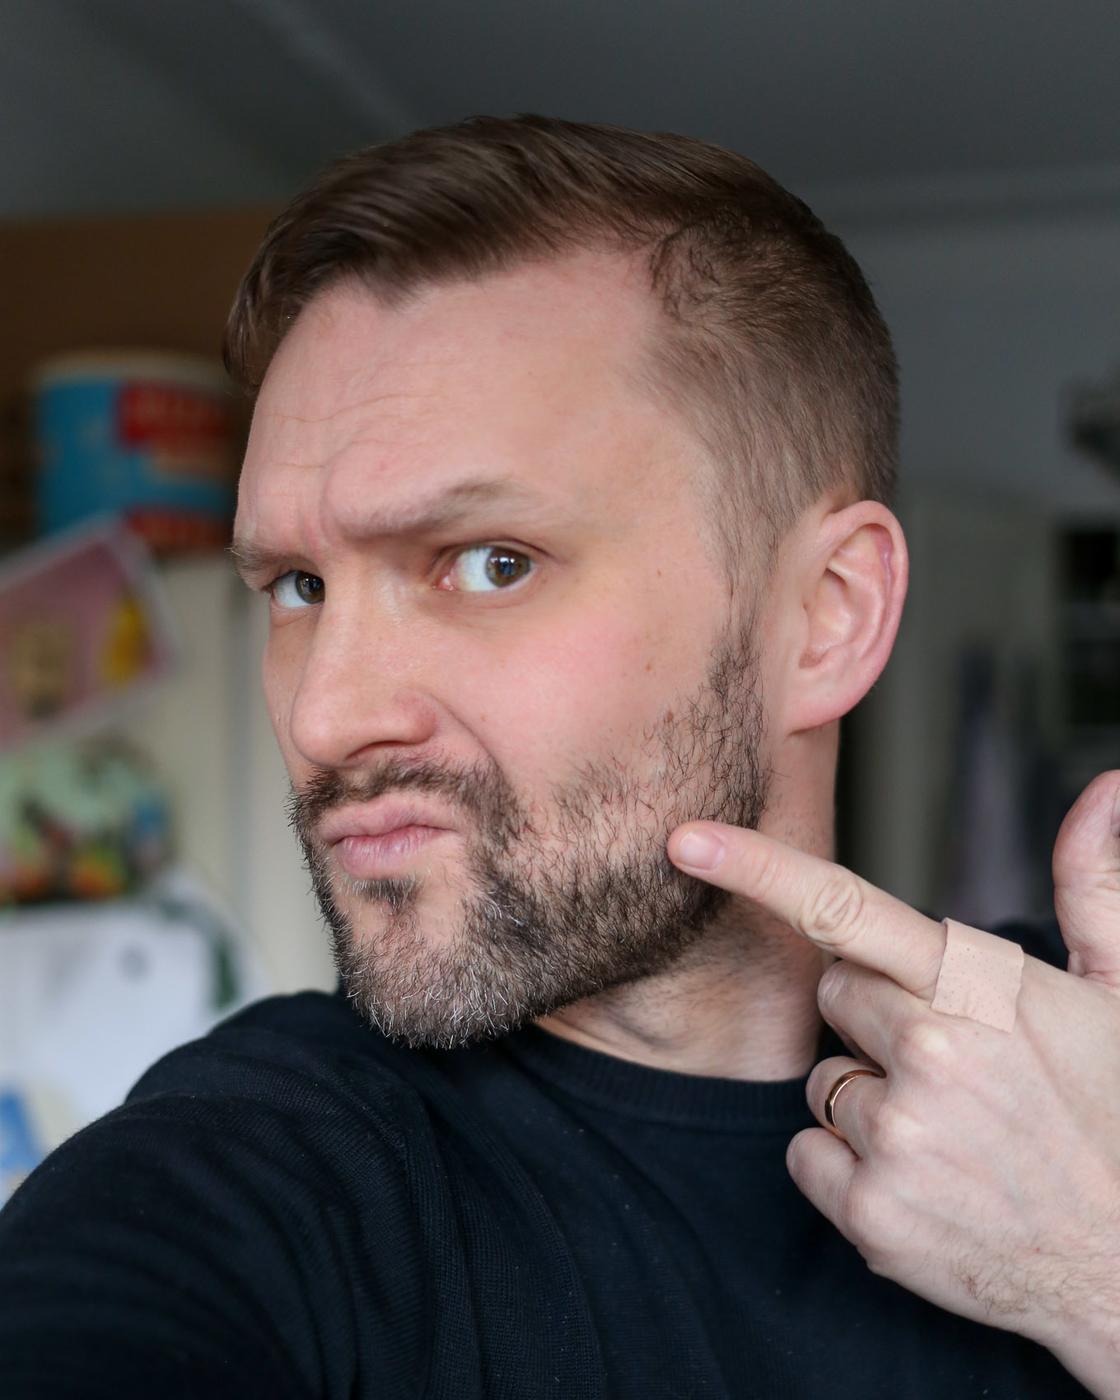 Keille mielestänne sopii parta ja keille ei?